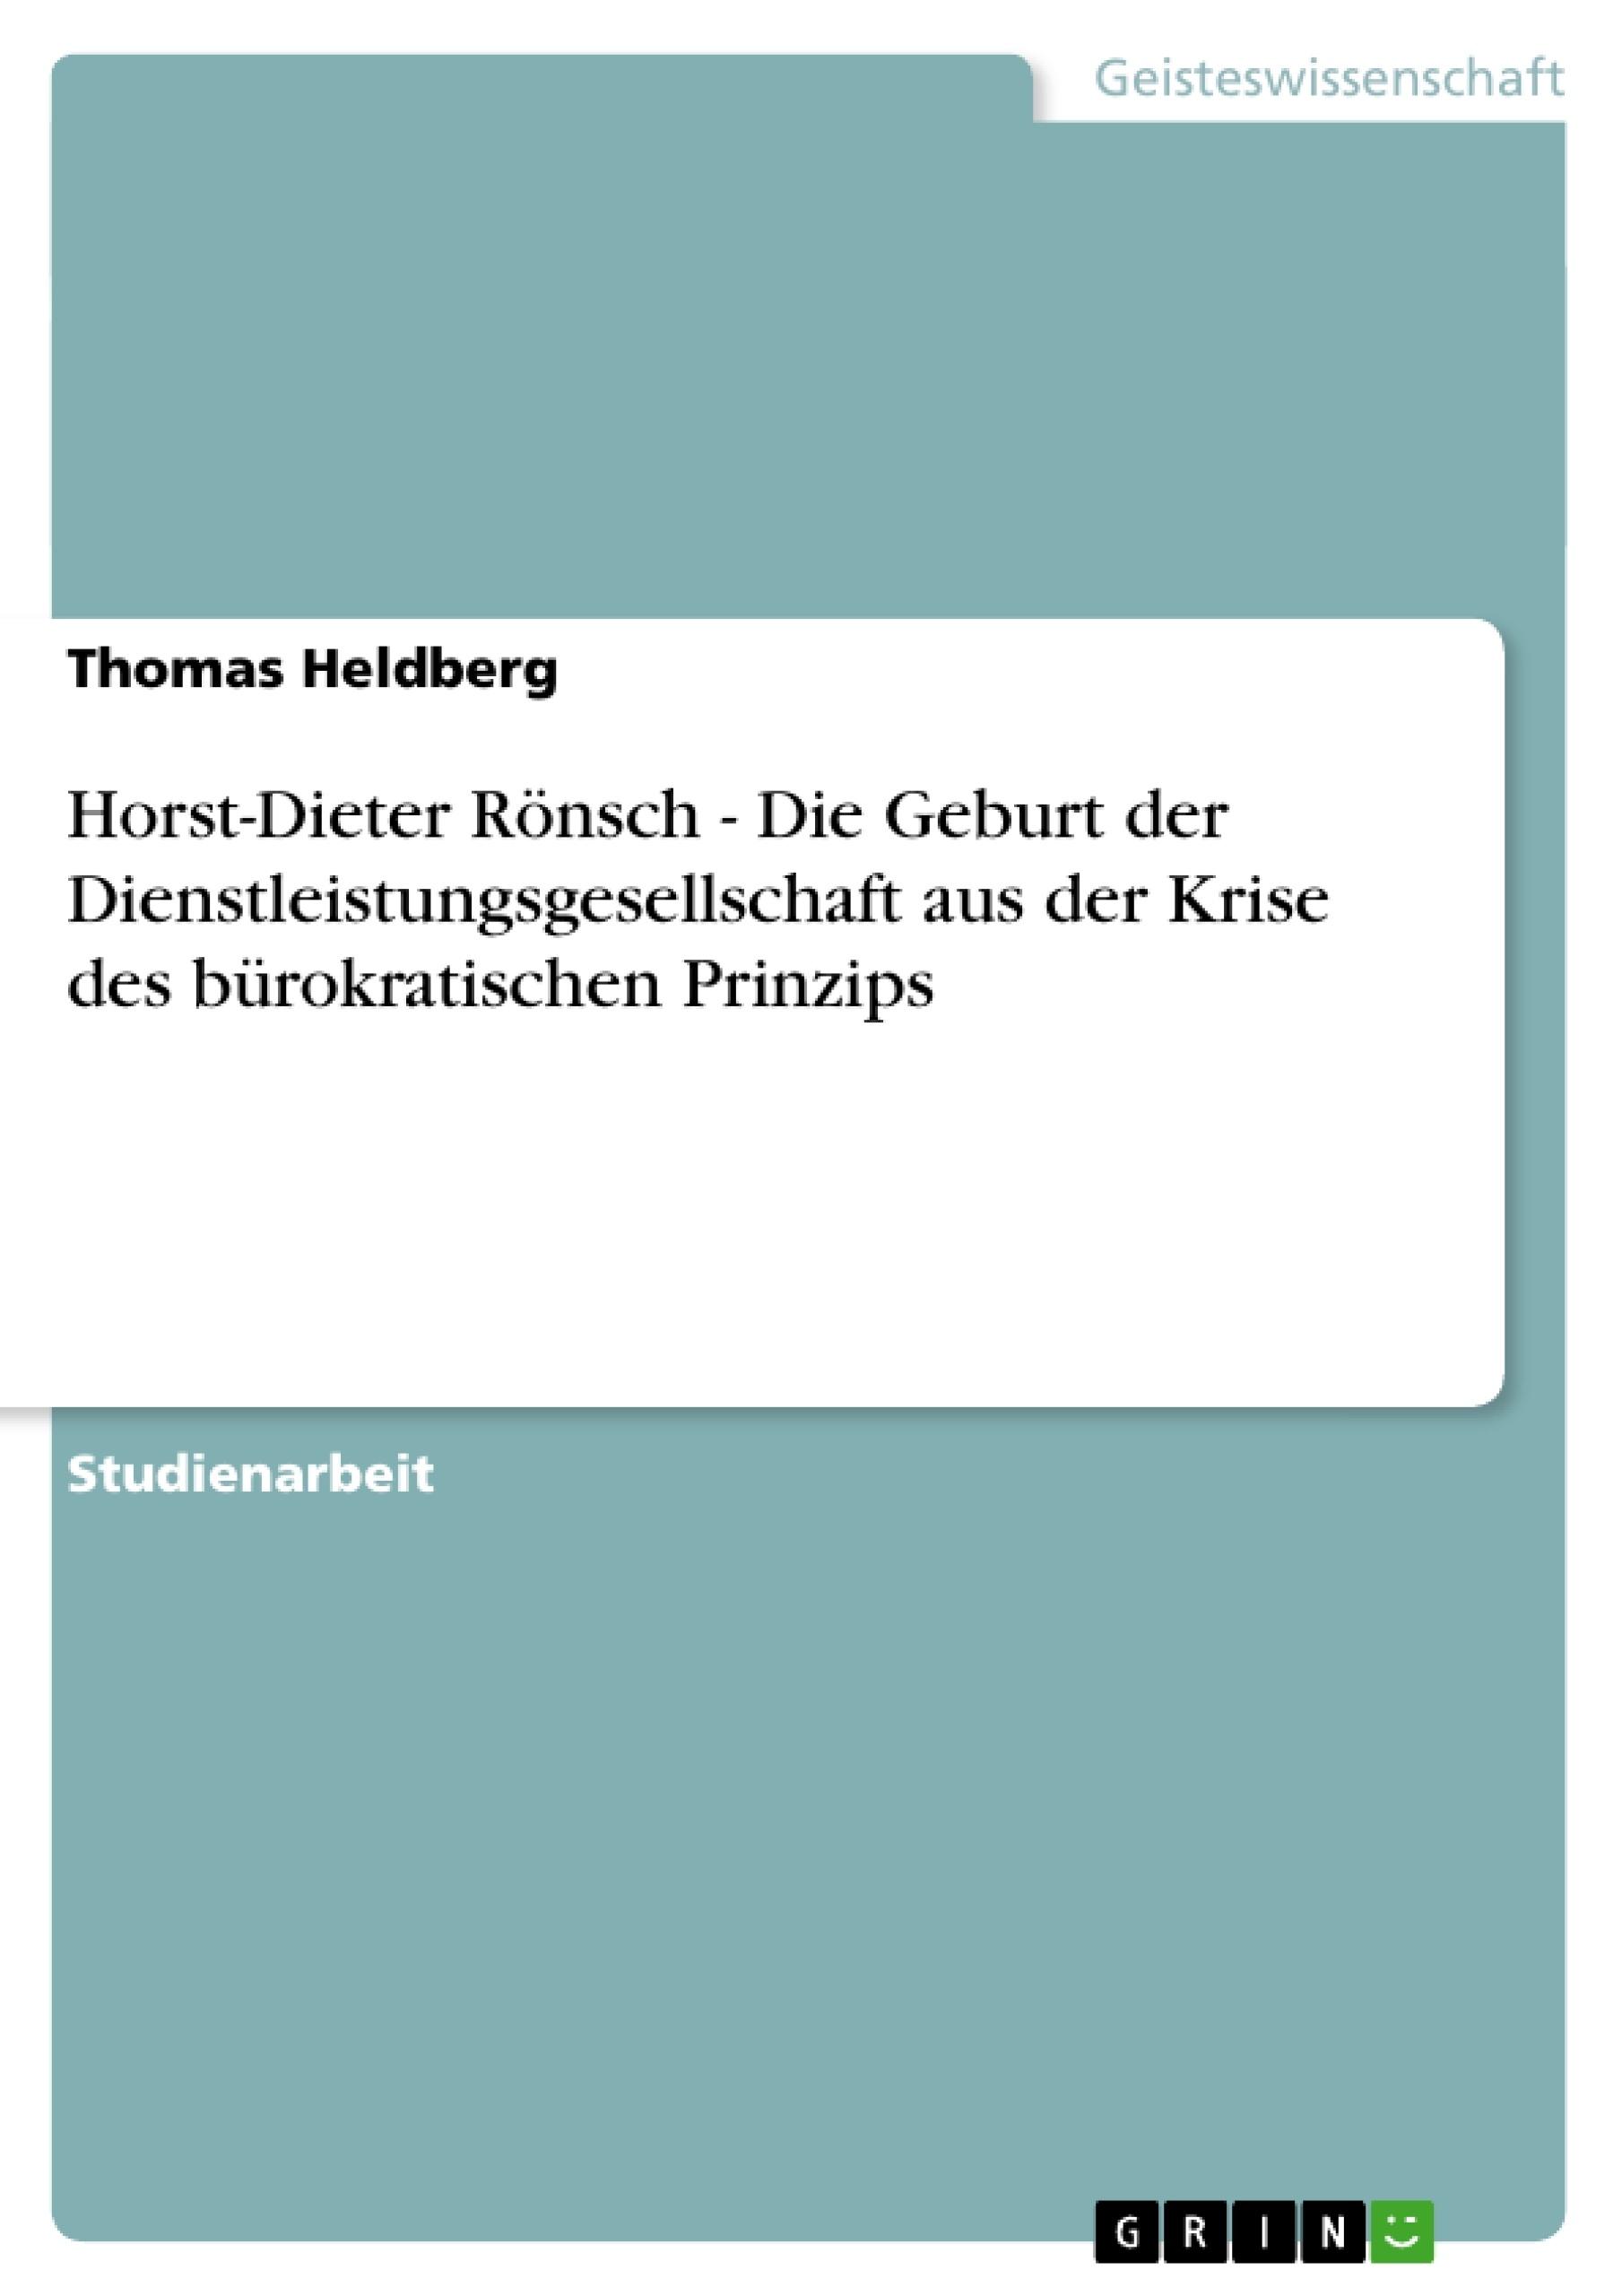 Titel: Horst-Dieter Rönsch - Die Geburt der Dienstleistungsgesellschaft aus der Krise des bürokratischen Prinzips